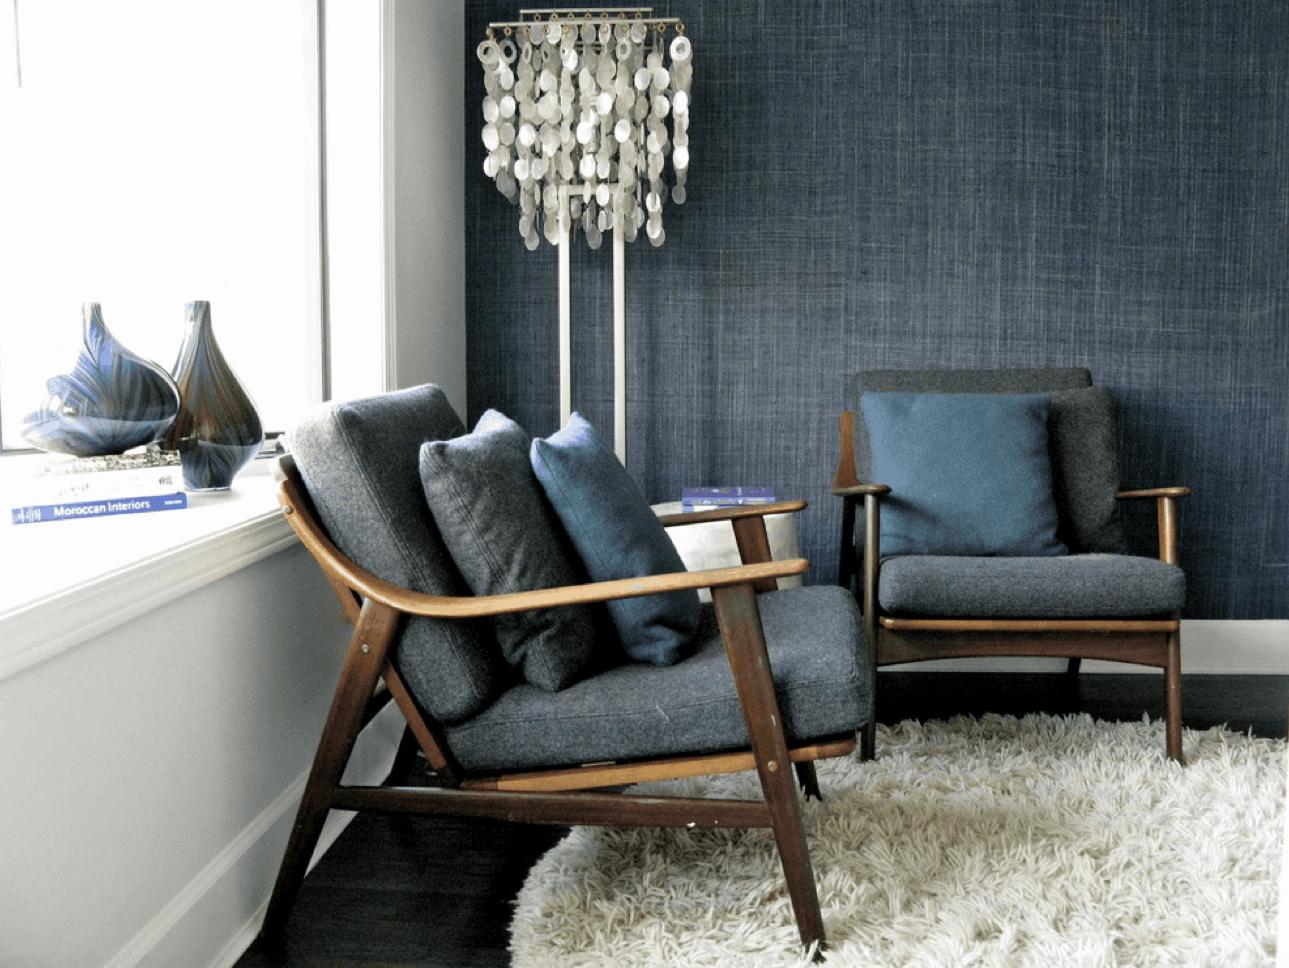 denim inspired wallpaper design